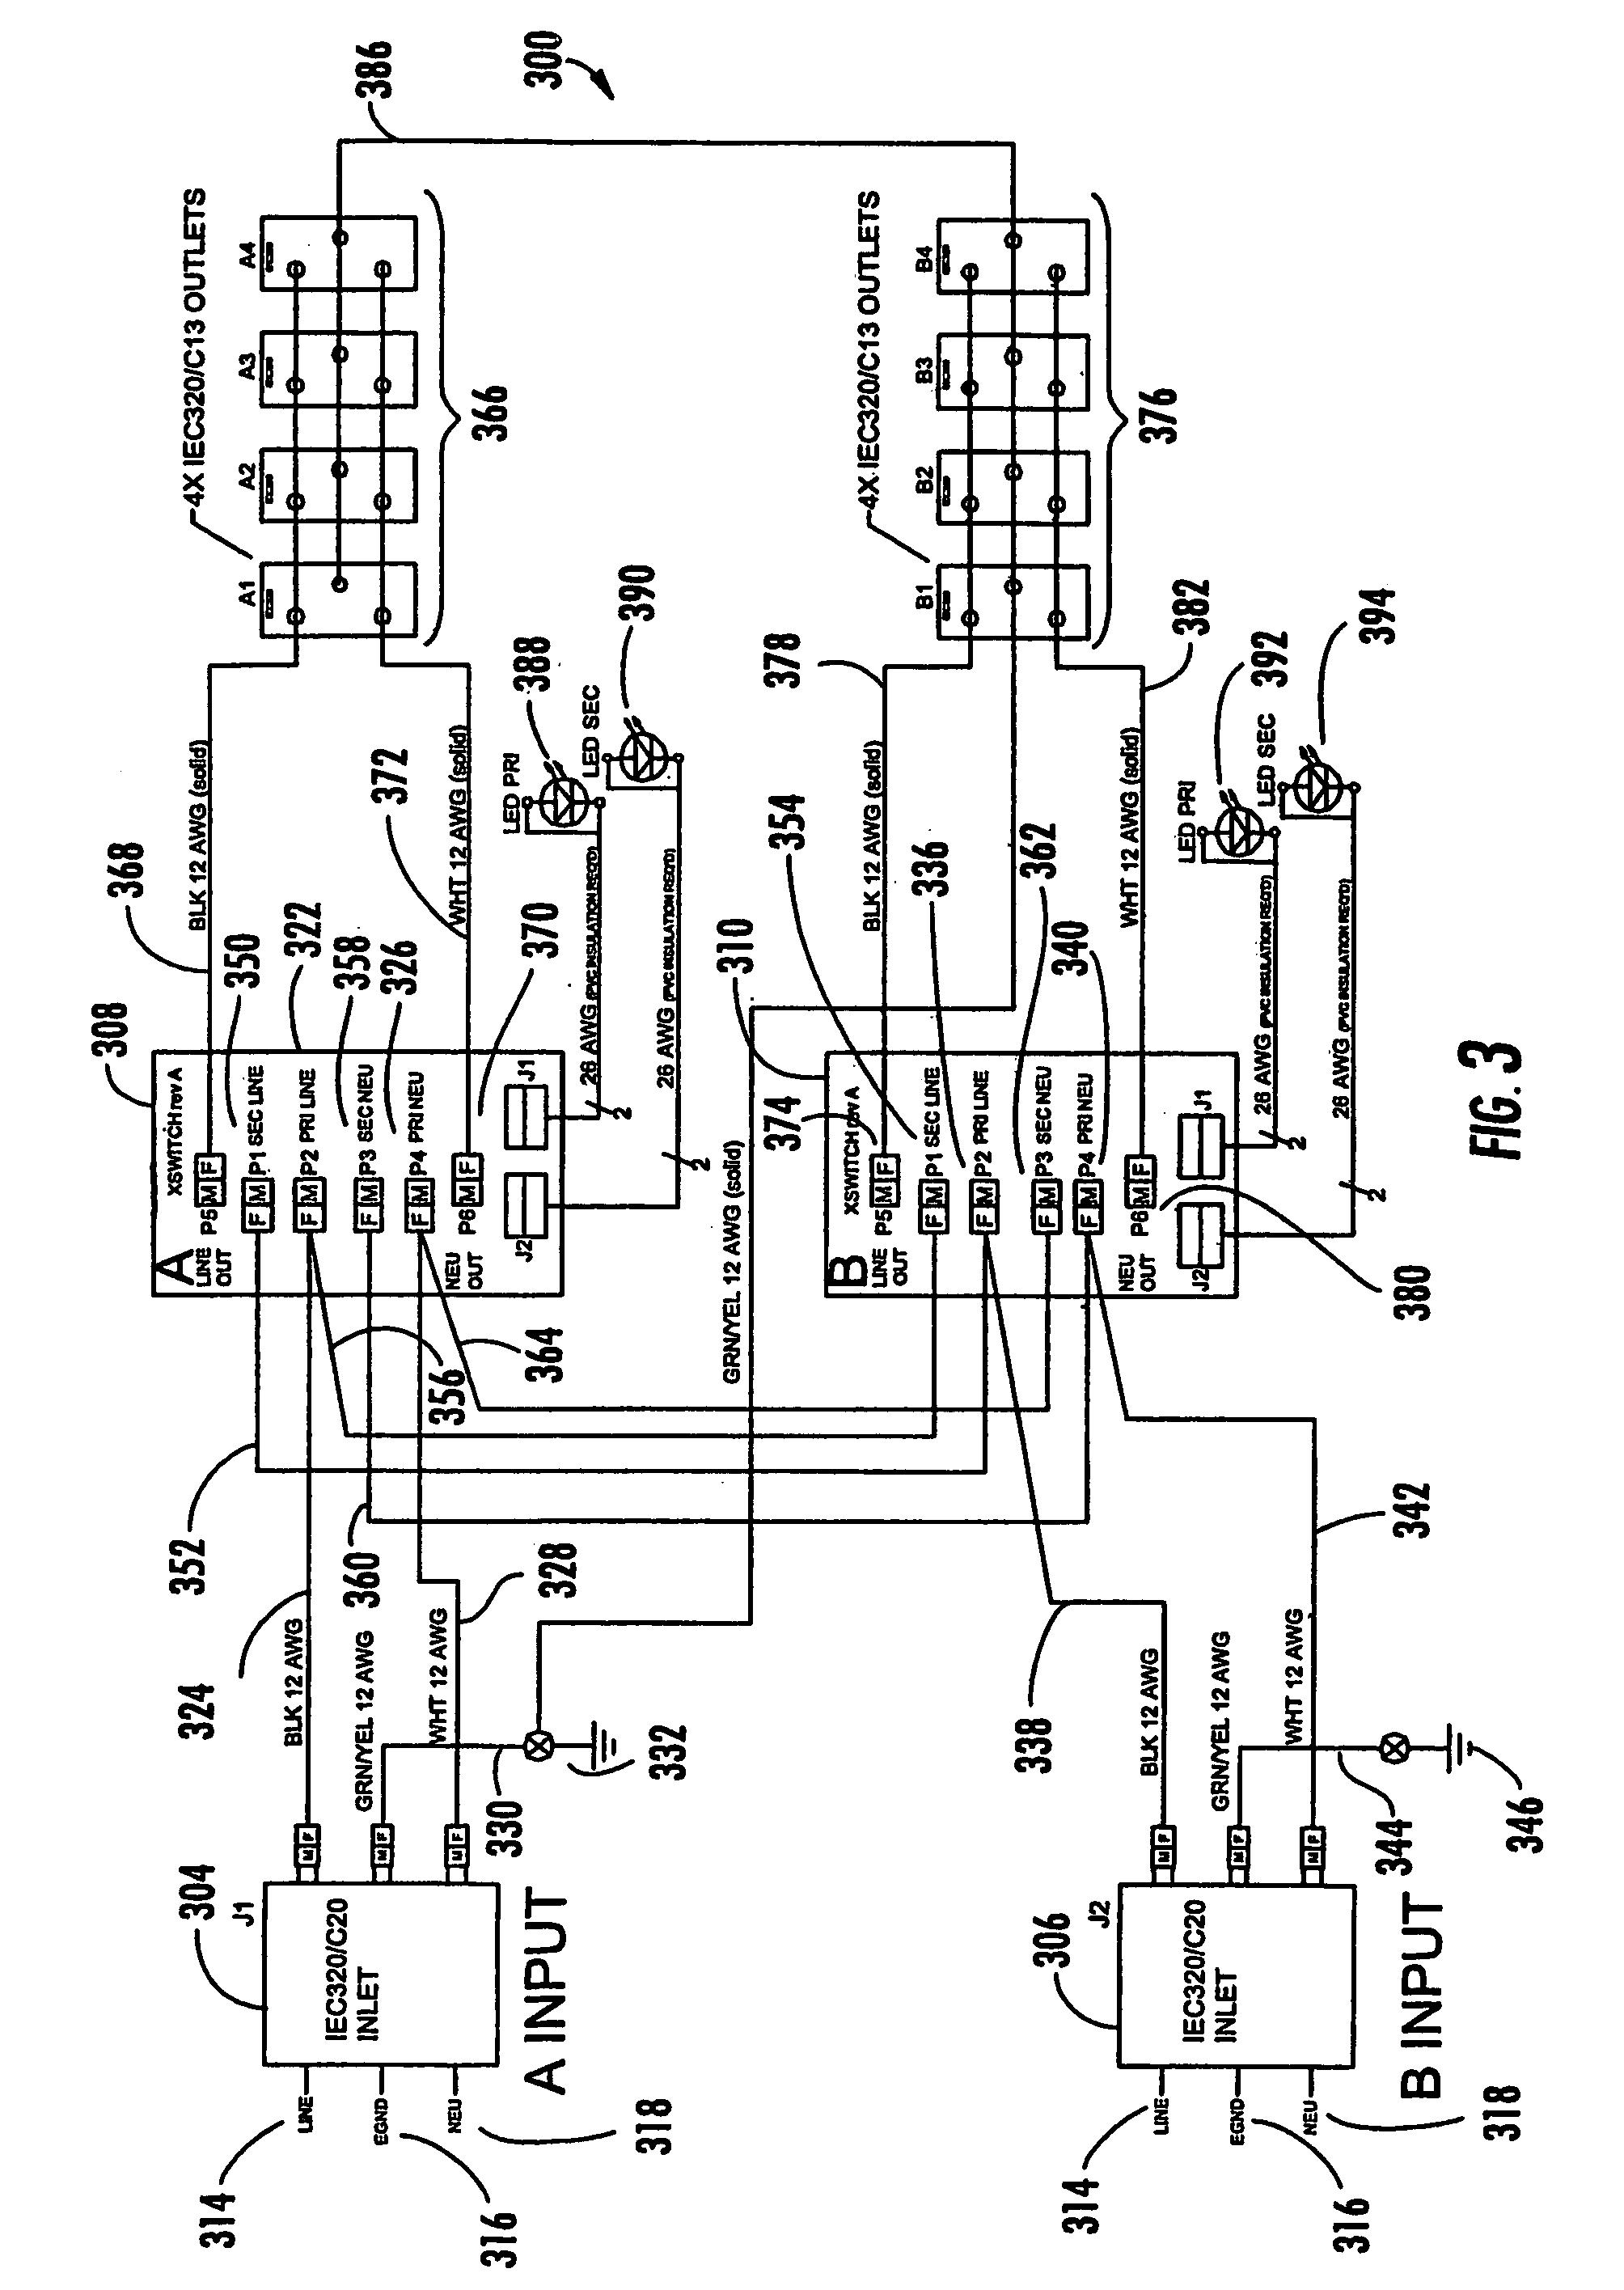 patent us8138634